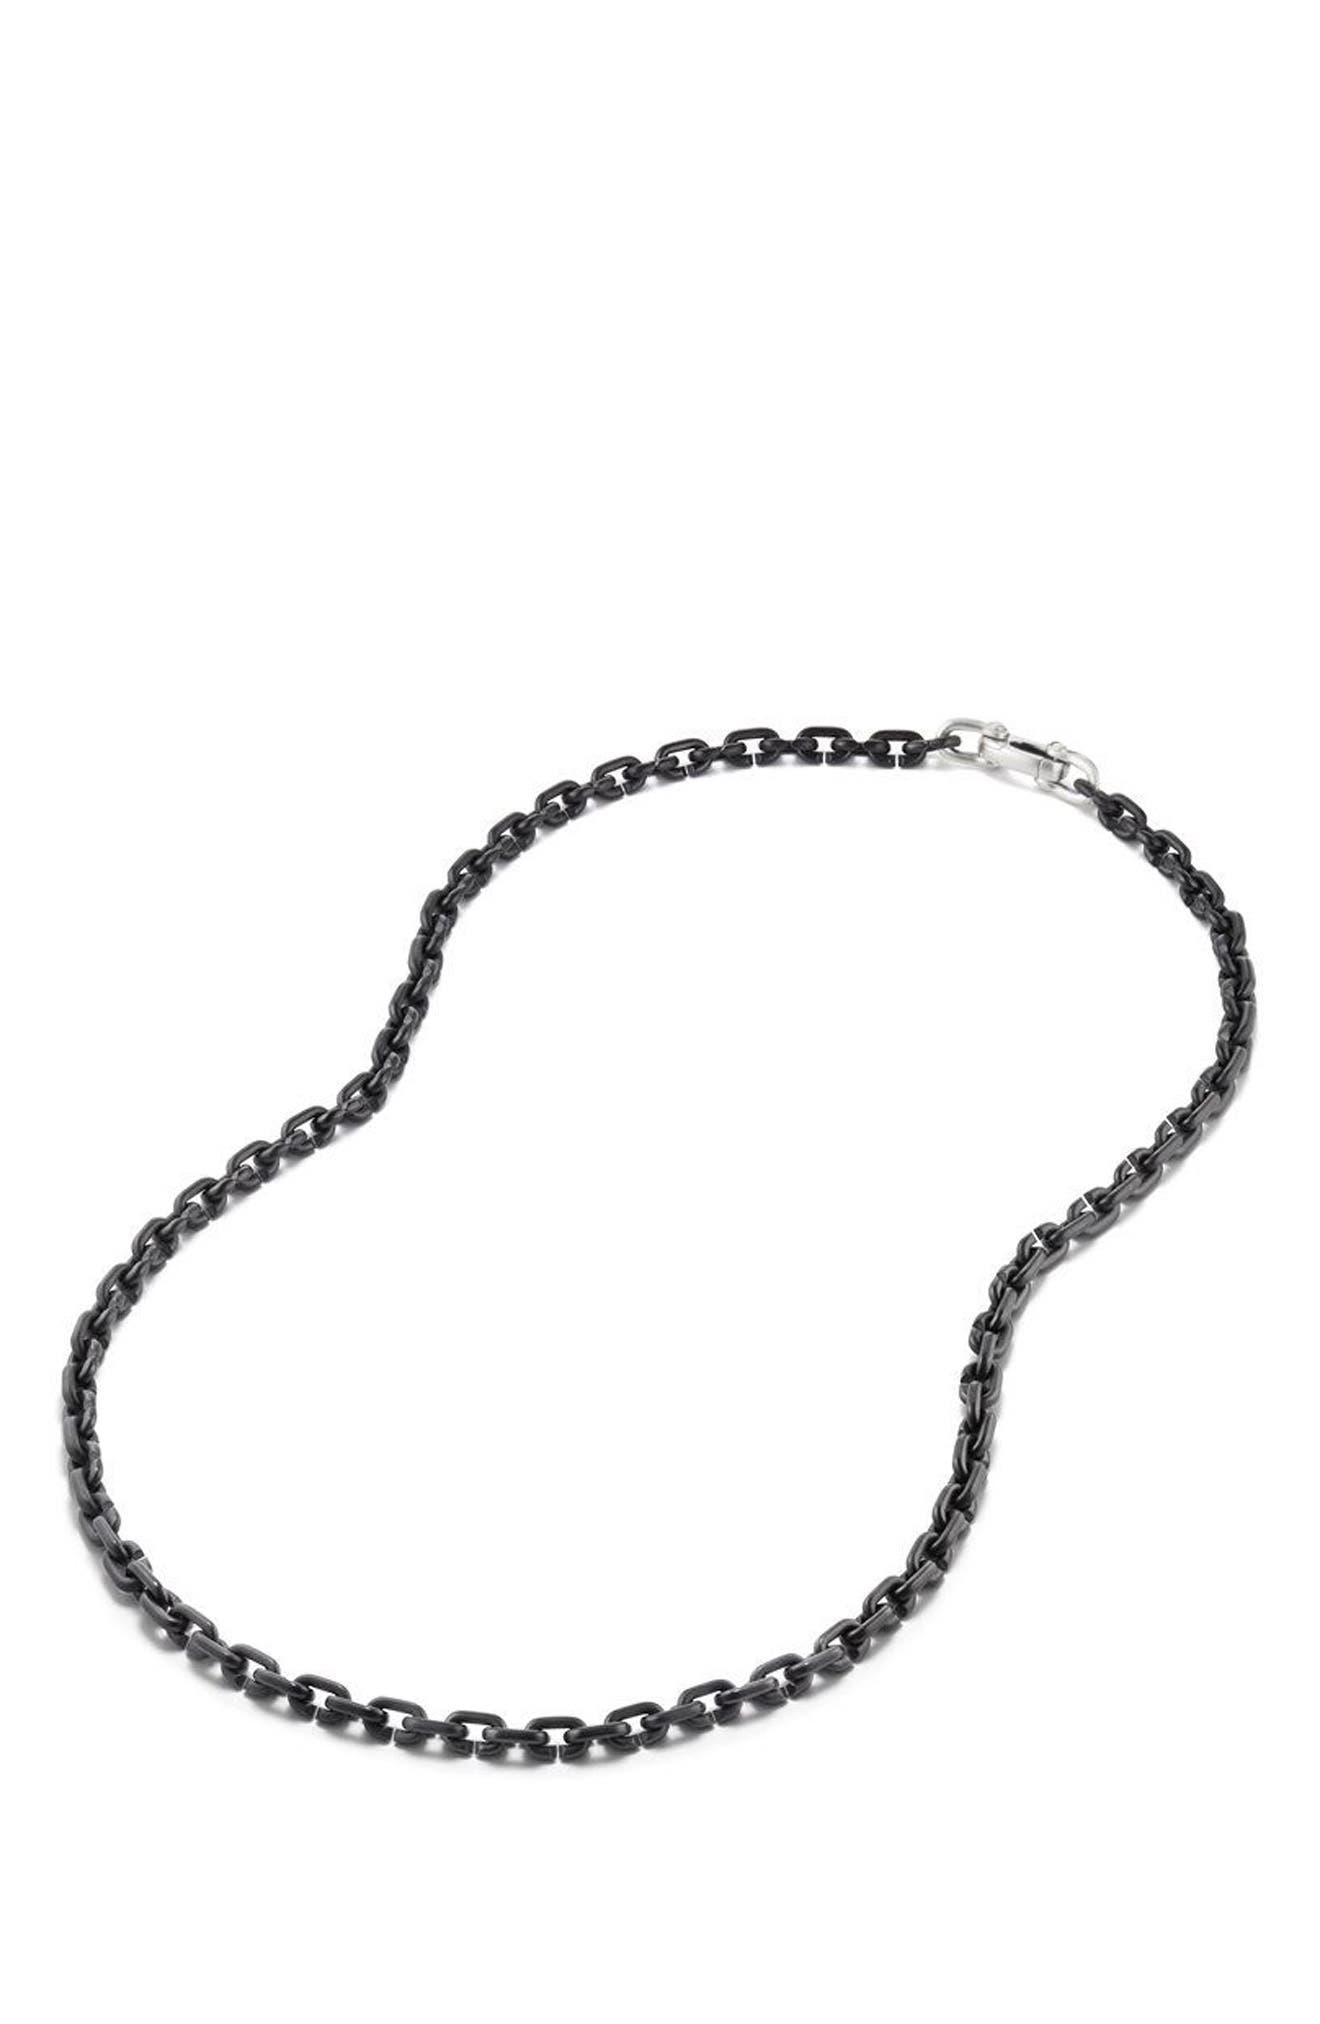 Narrow Chain Link Necklace,                             Alternate thumbnail 2, color,                             TITANIUM